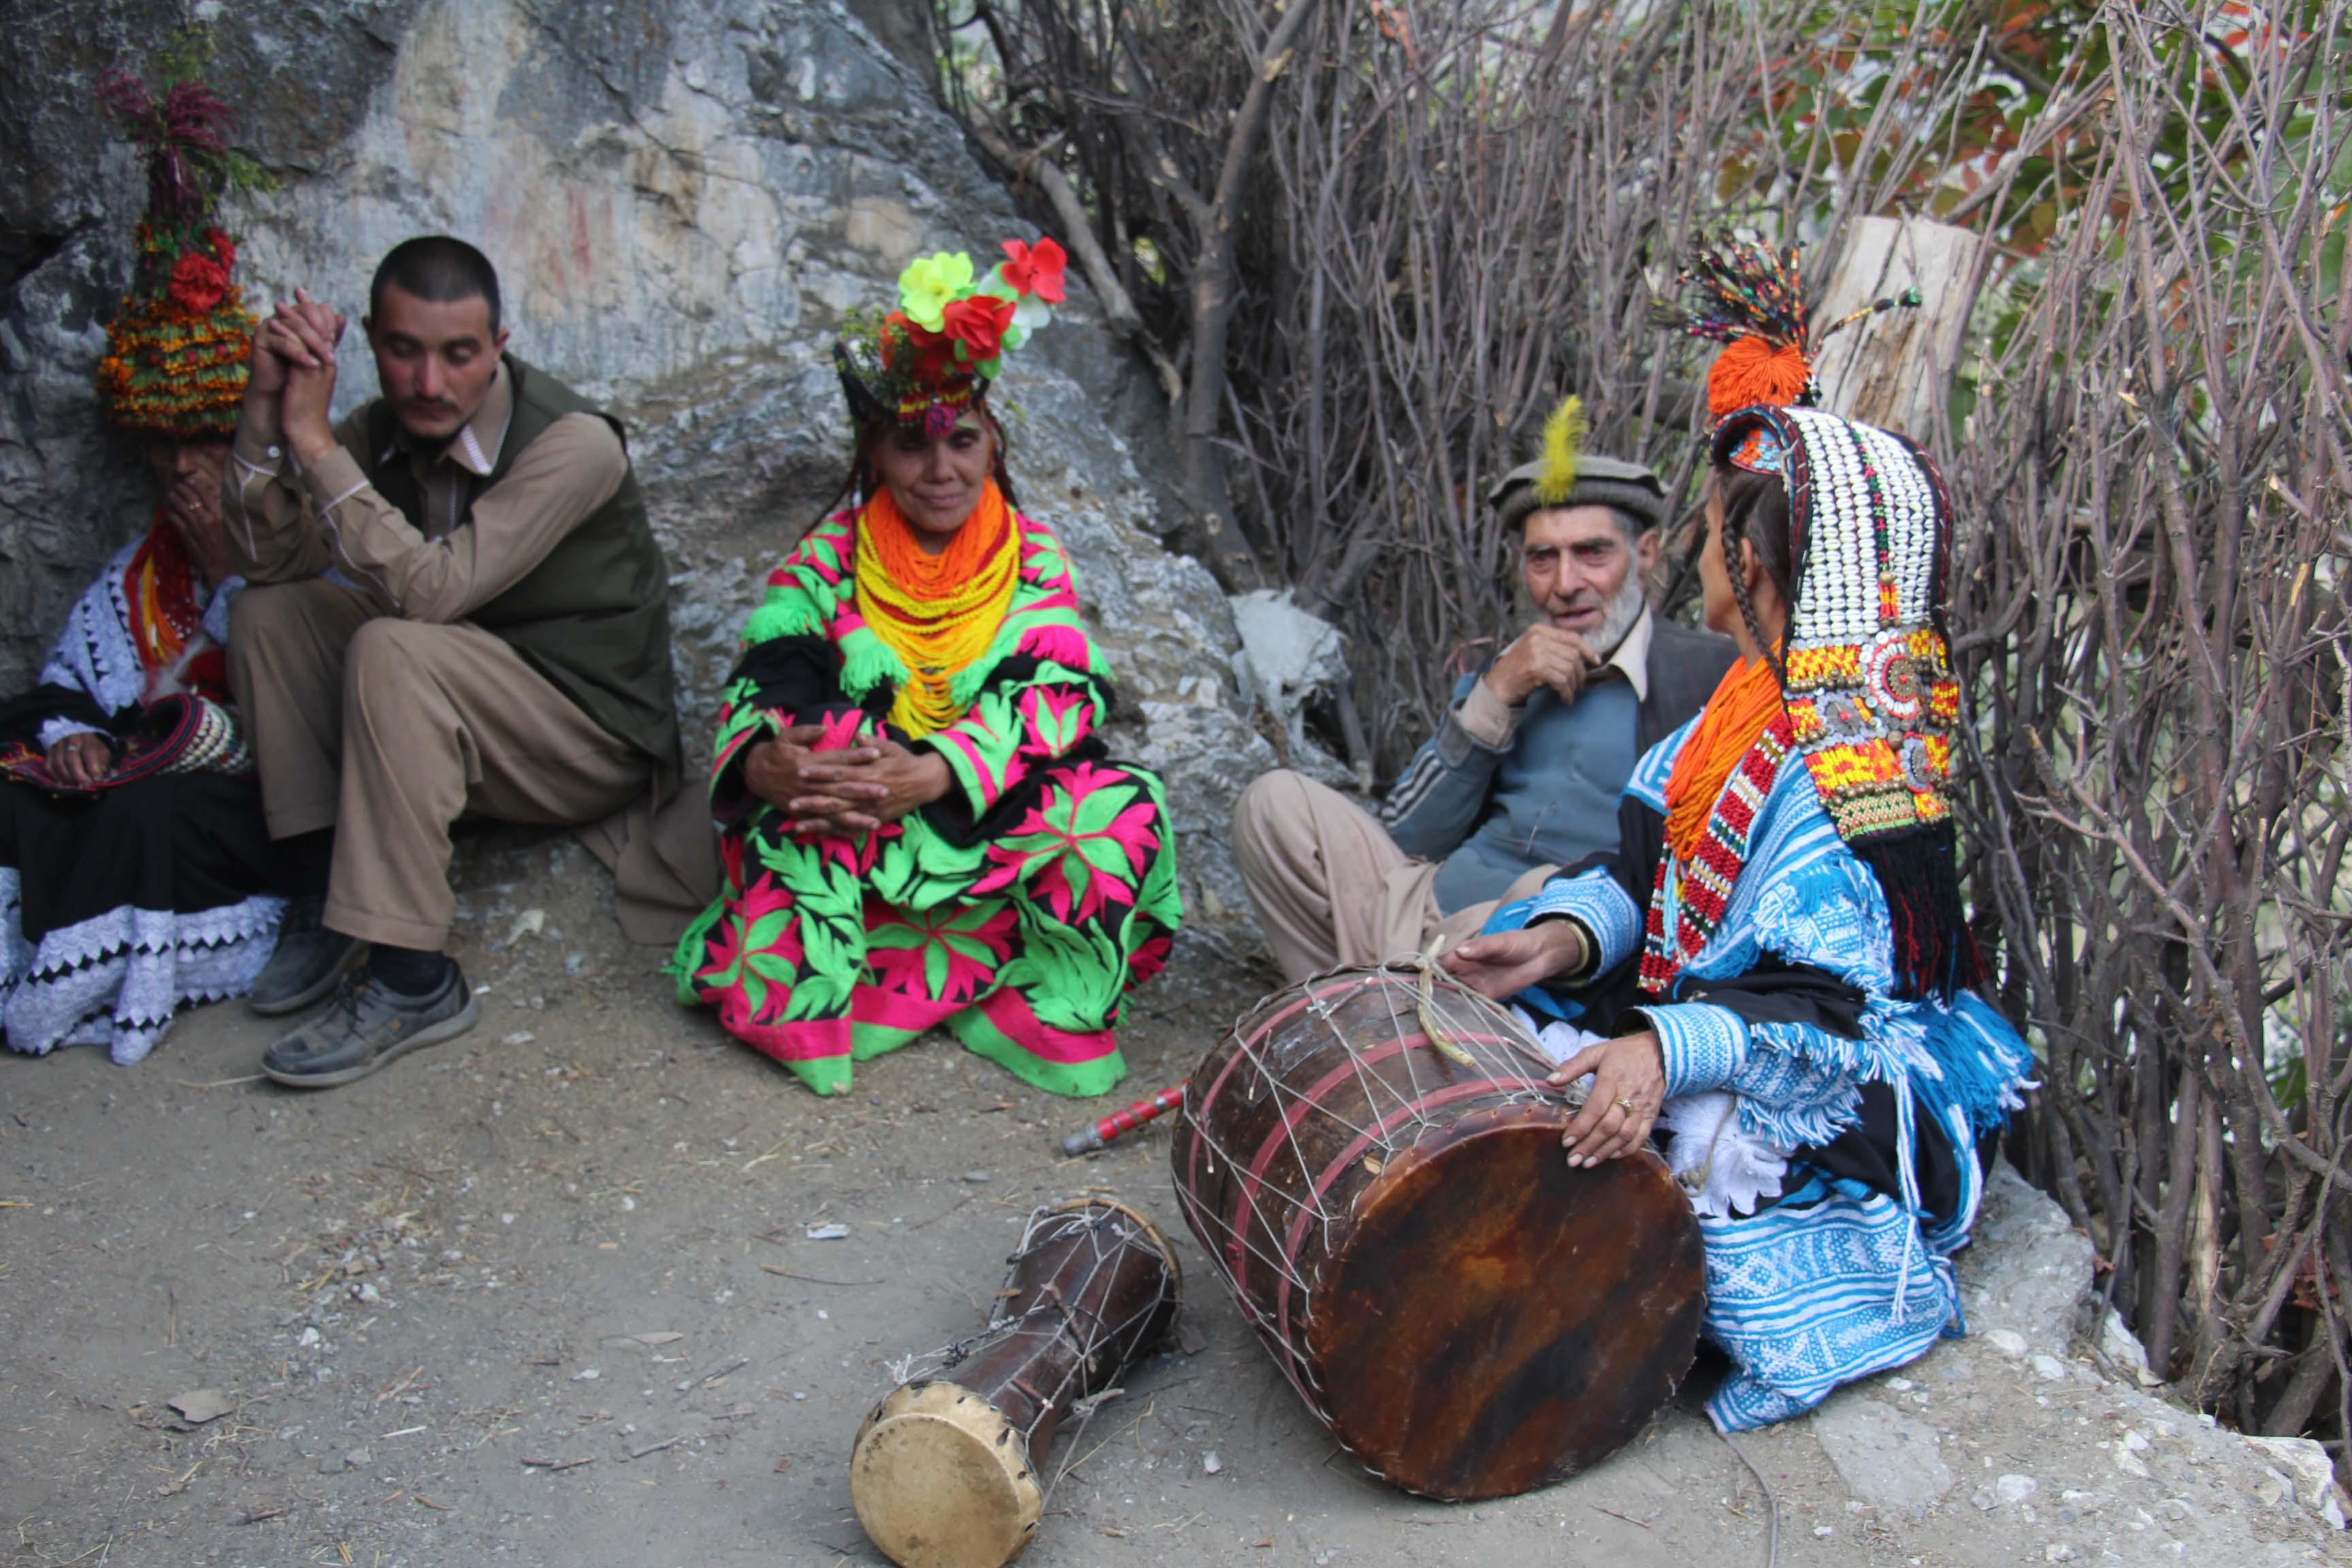 کیلاش قبیلے کا سالانہ مذہبی تہوار پھور احتتام پذیر، تہوار کے احتتام پر تیس جوڑے شادی کے بندھن میں بندھ گئے